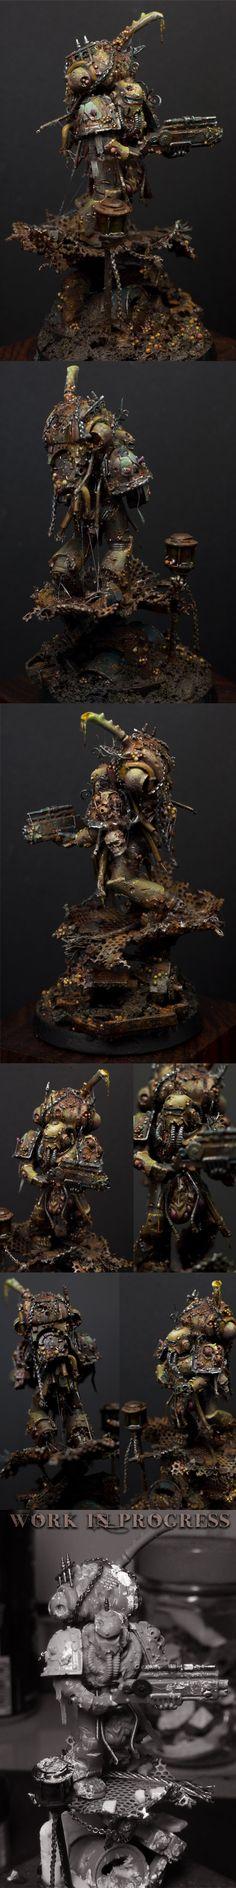 W40K - The Wayfarer / Nurgle Death Guard Fallen (by jarhead)